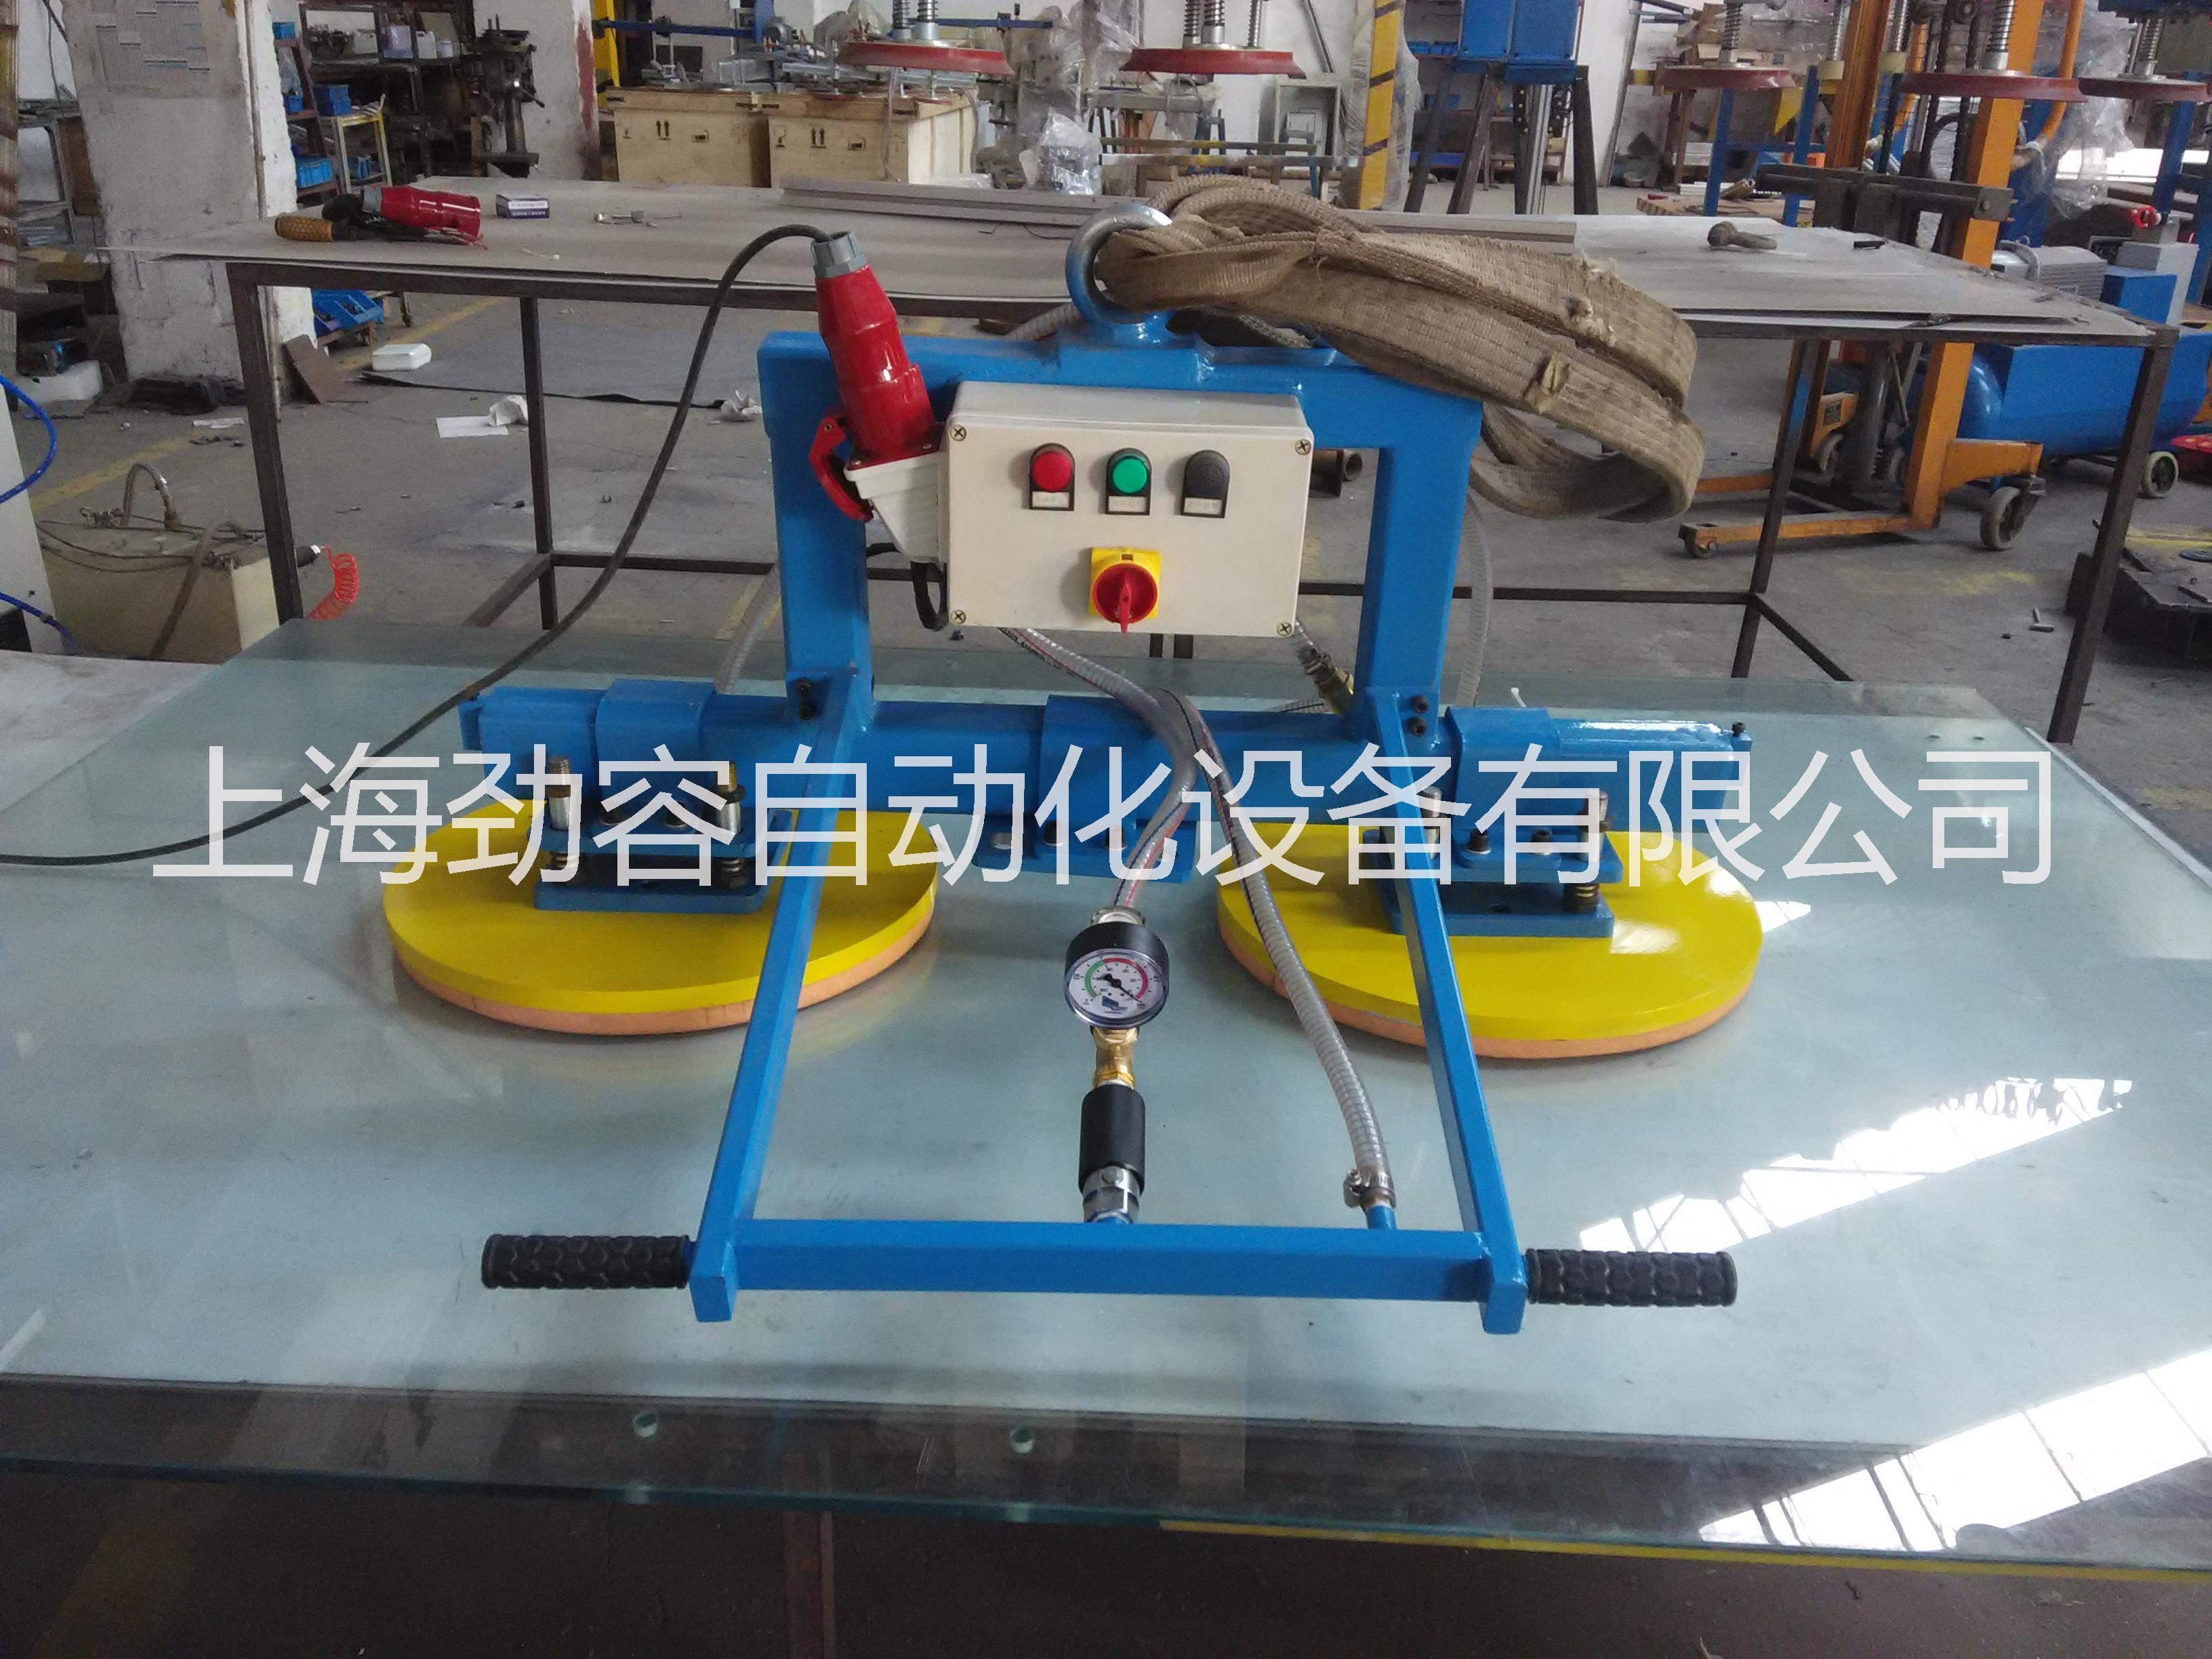 上海供应板材搬运机,真空吊具,真空吸吊机,搬运机械手